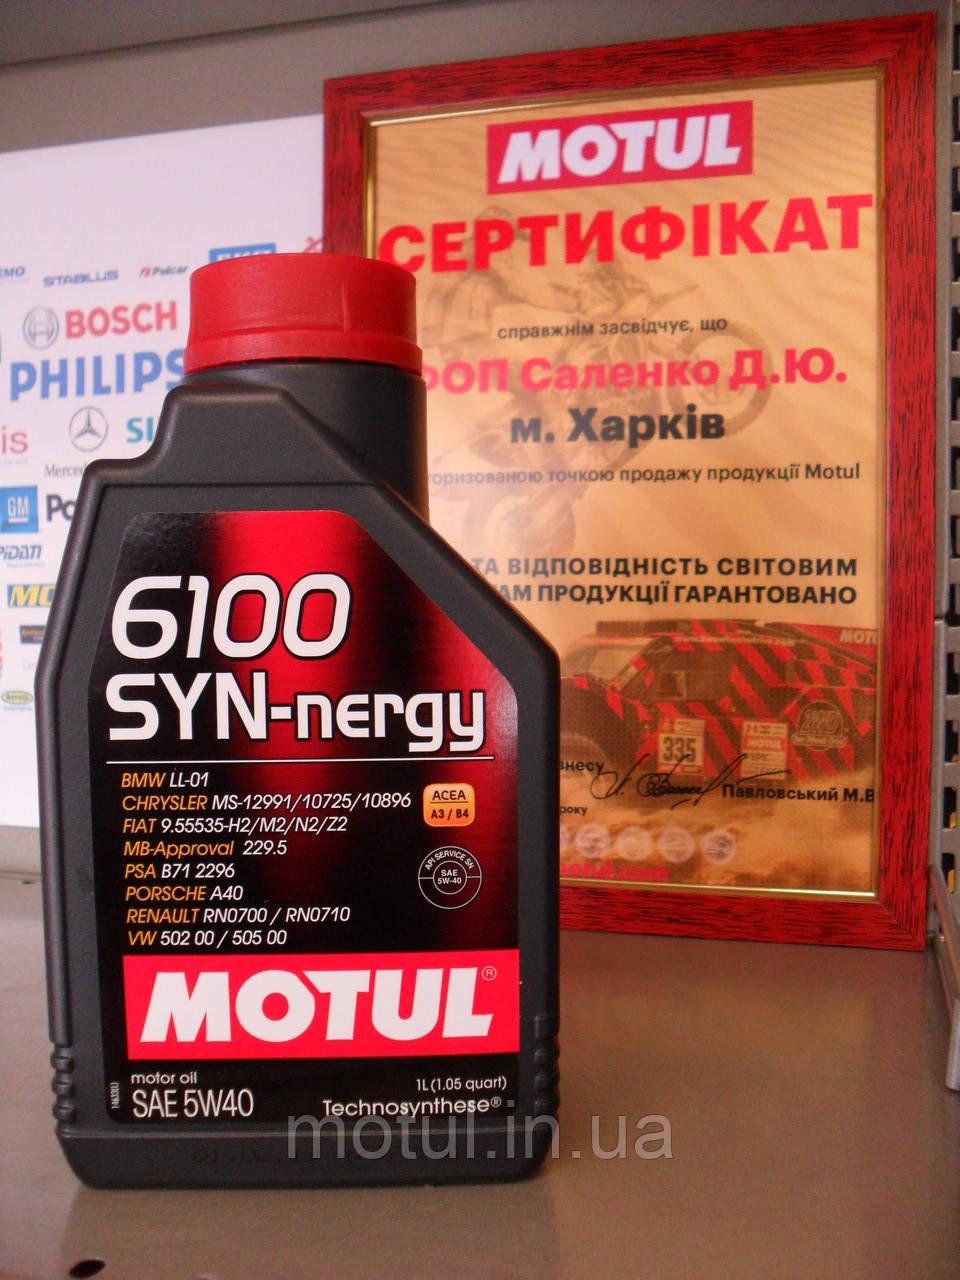 Моторне масло Motul 6100 syn-nergy 5w40 1л